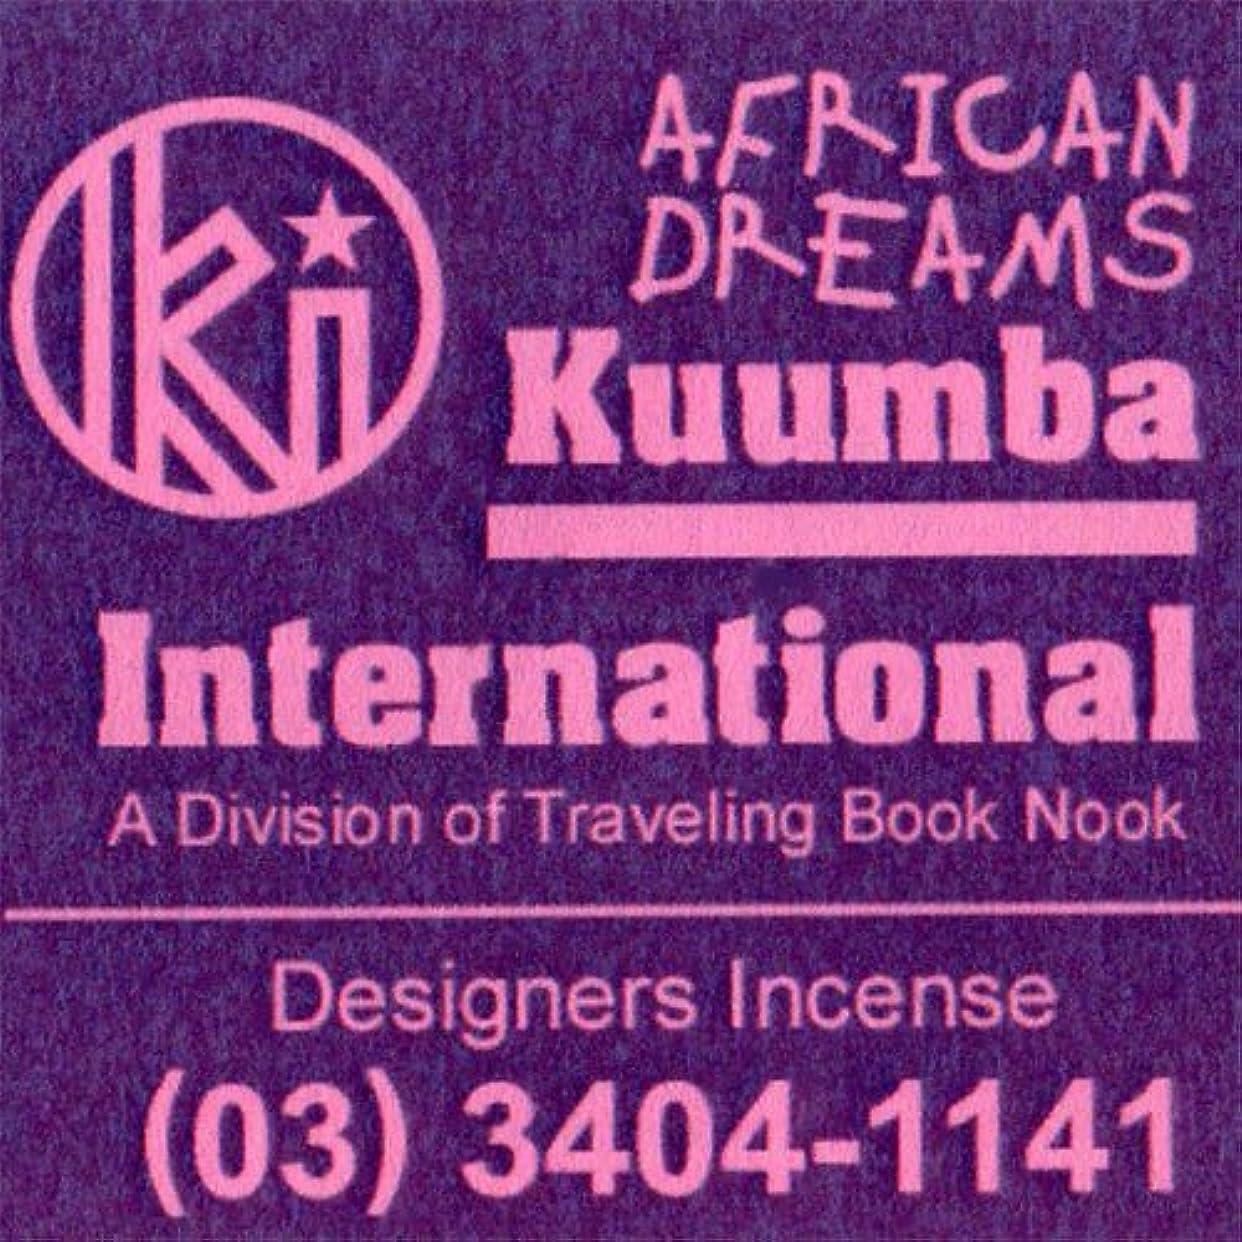 滝保険をかけるマイク(クンバ) KUUMBA『incense』(AFRICAN DREAMS) (Regular size)